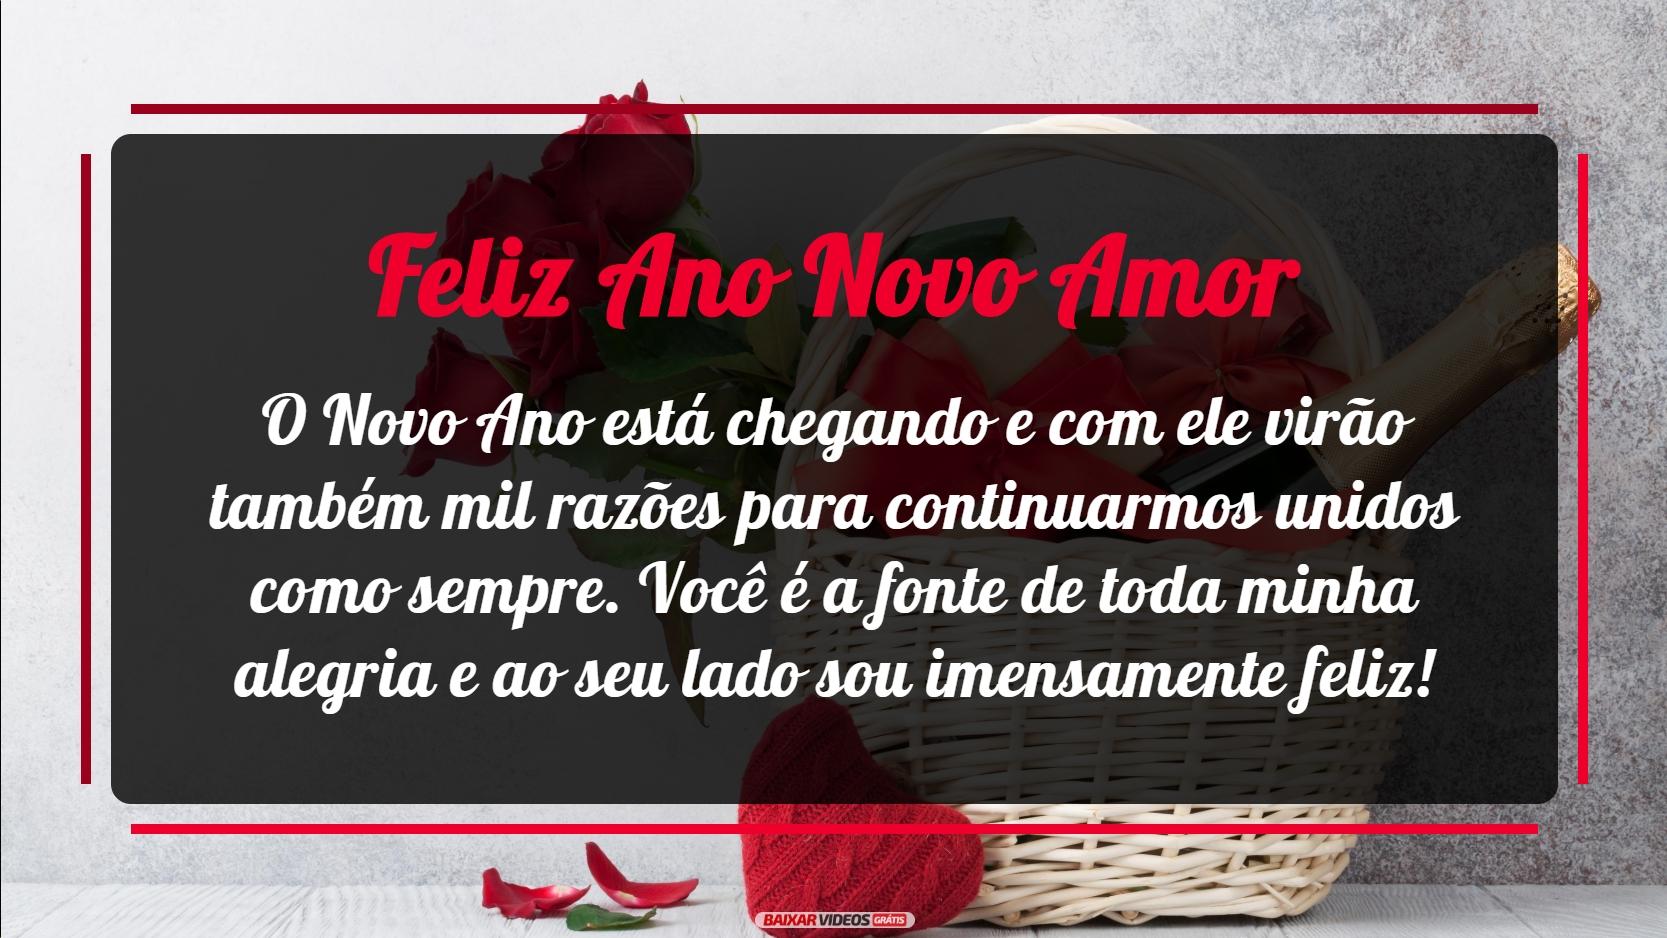 Meu amor, o Novo Ano está chegando e com ele virão também mil razões para continuarmos unidos como sempre. Você é a fonte de toda minha alegria e ao seu lado sou imensamente feliz. Feliz Ano Novo!